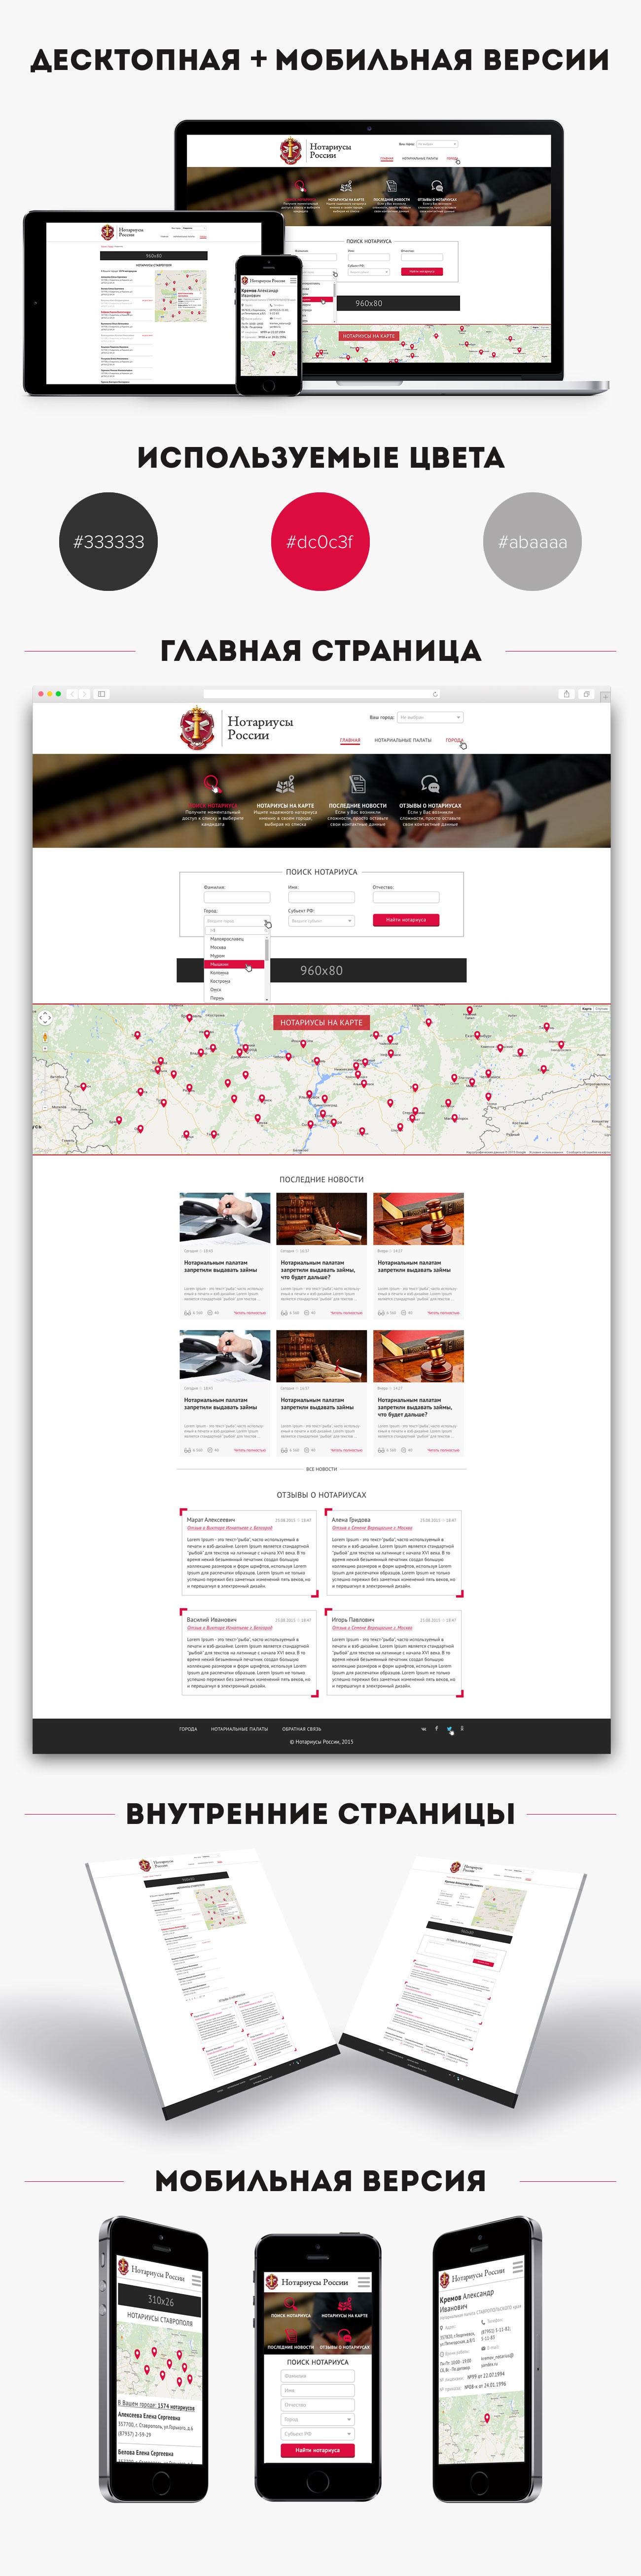 """Адаптивный дизайн сайта по подбору нотариусов для компании """"Нотариусы России"""""""